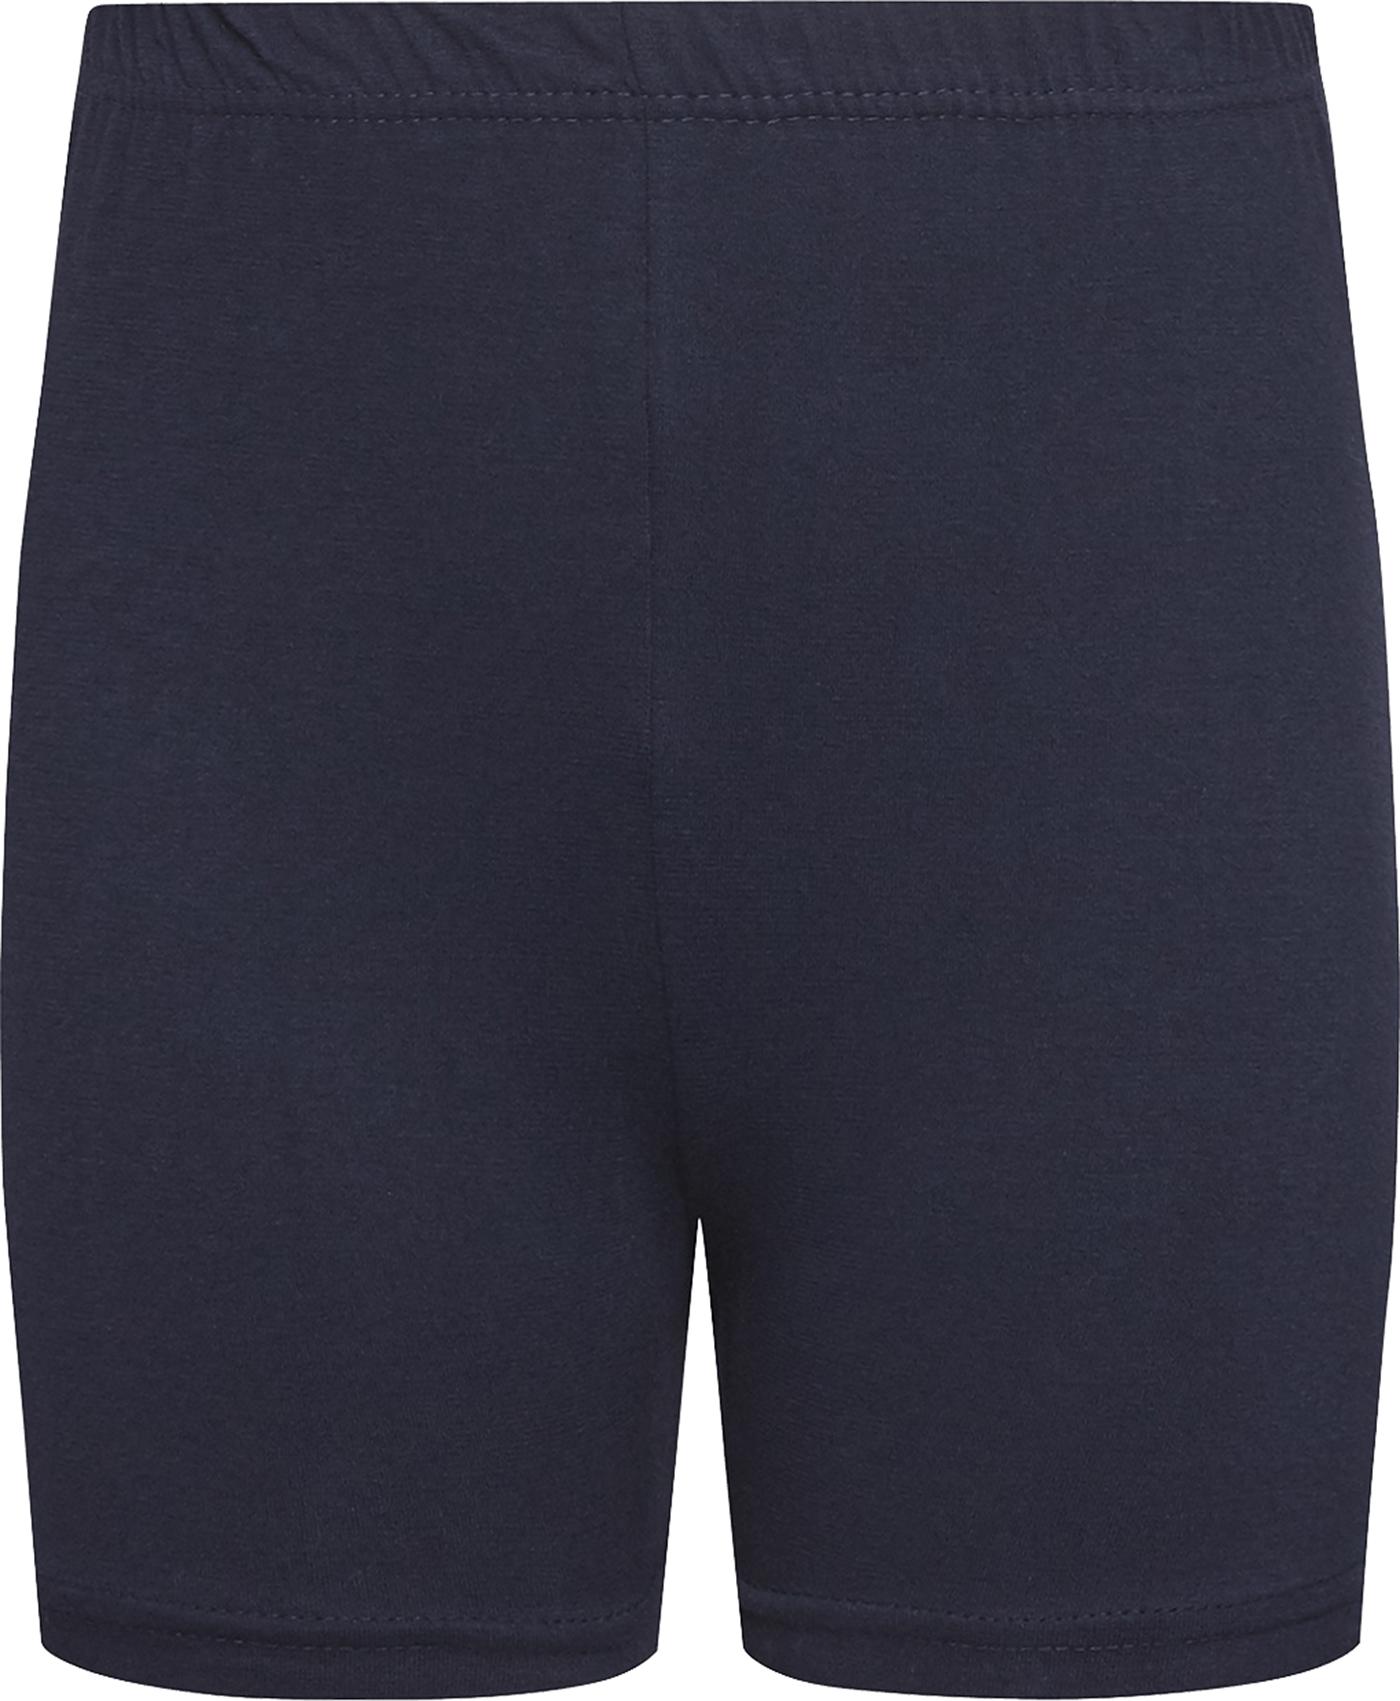 School Uniform Cotton PE Gym Shorts Only Uniform® UK